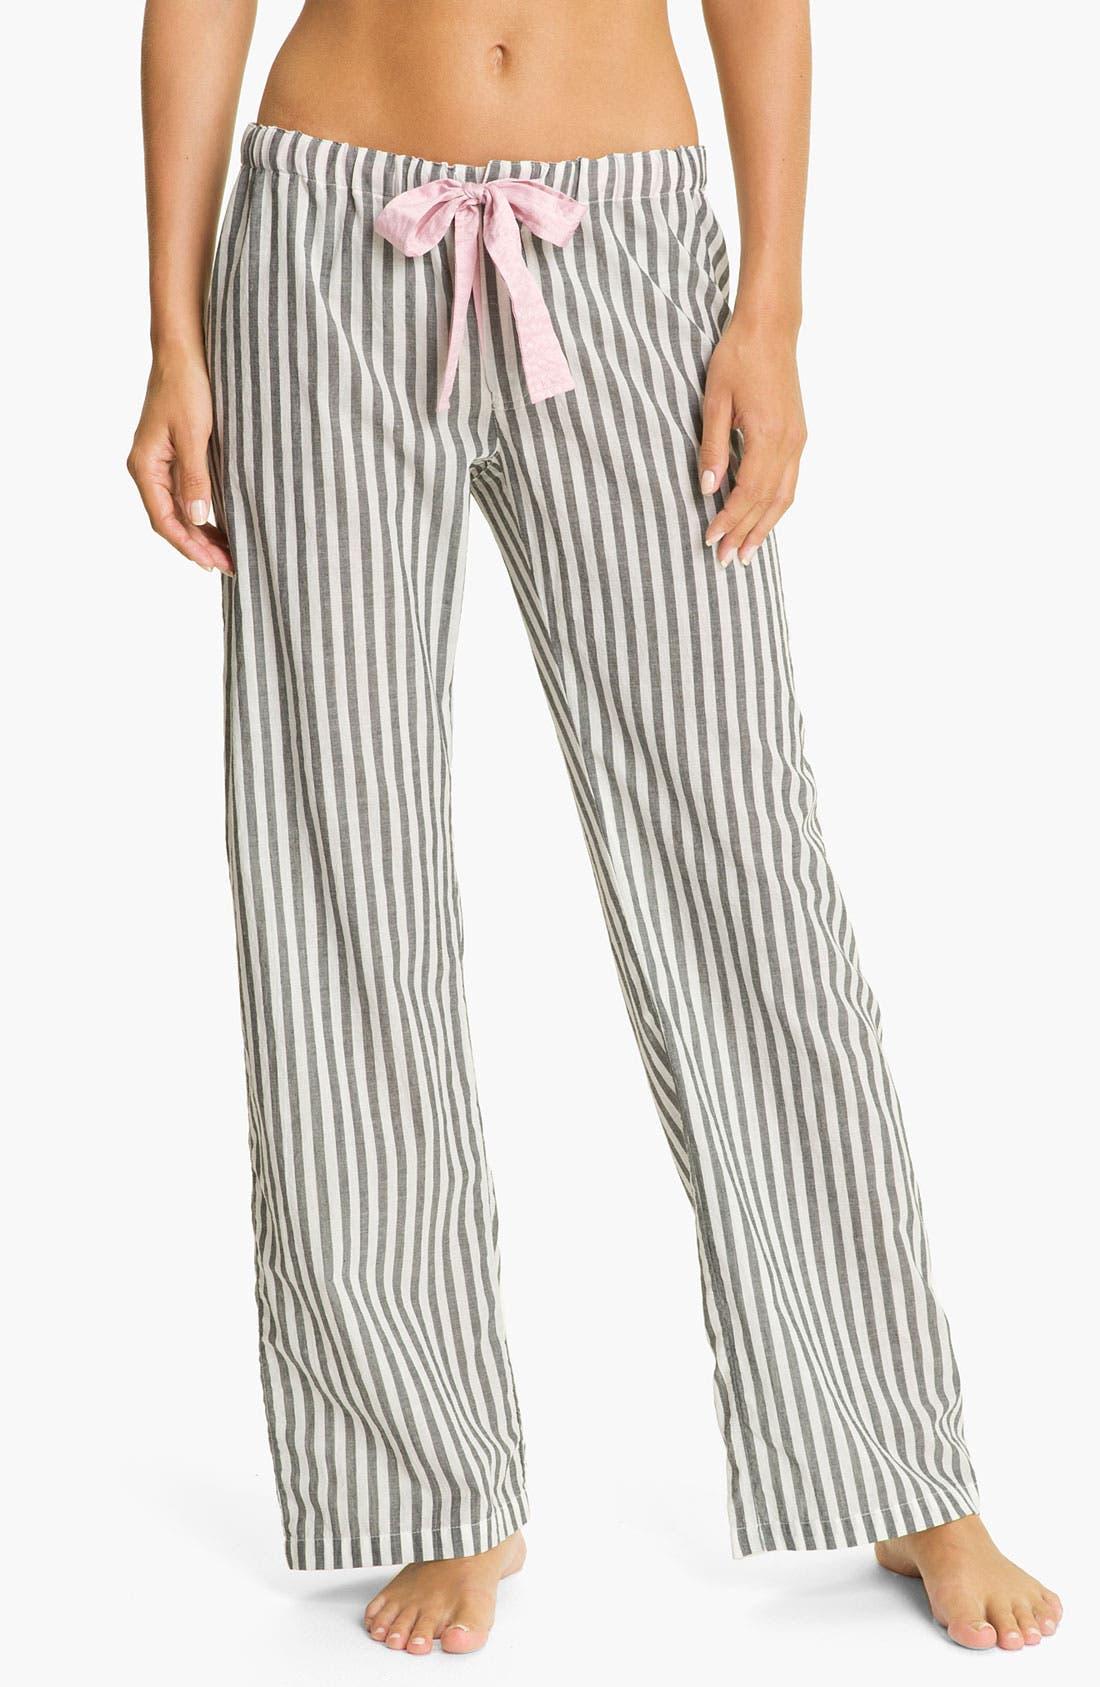 Alternate Image 1 Selected - PJ Salvage 'Stay the Night' Pajama Pants